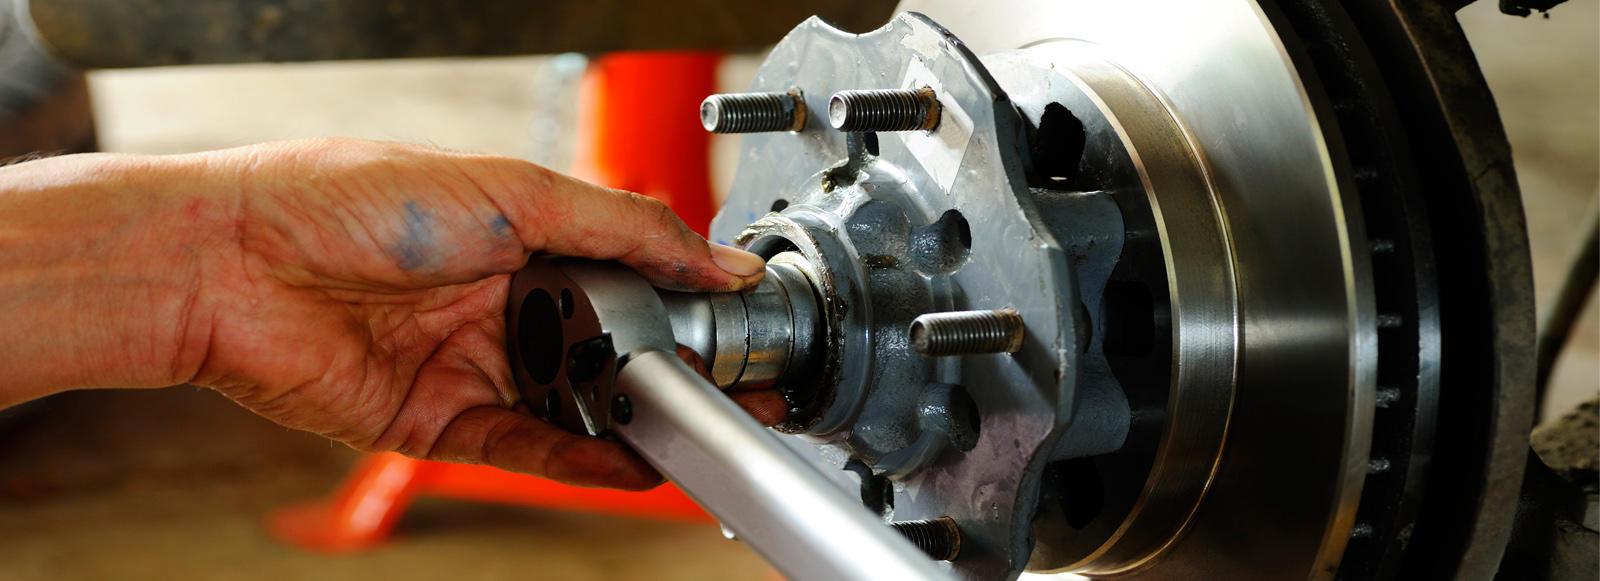 Ewing Auto Repair image 1